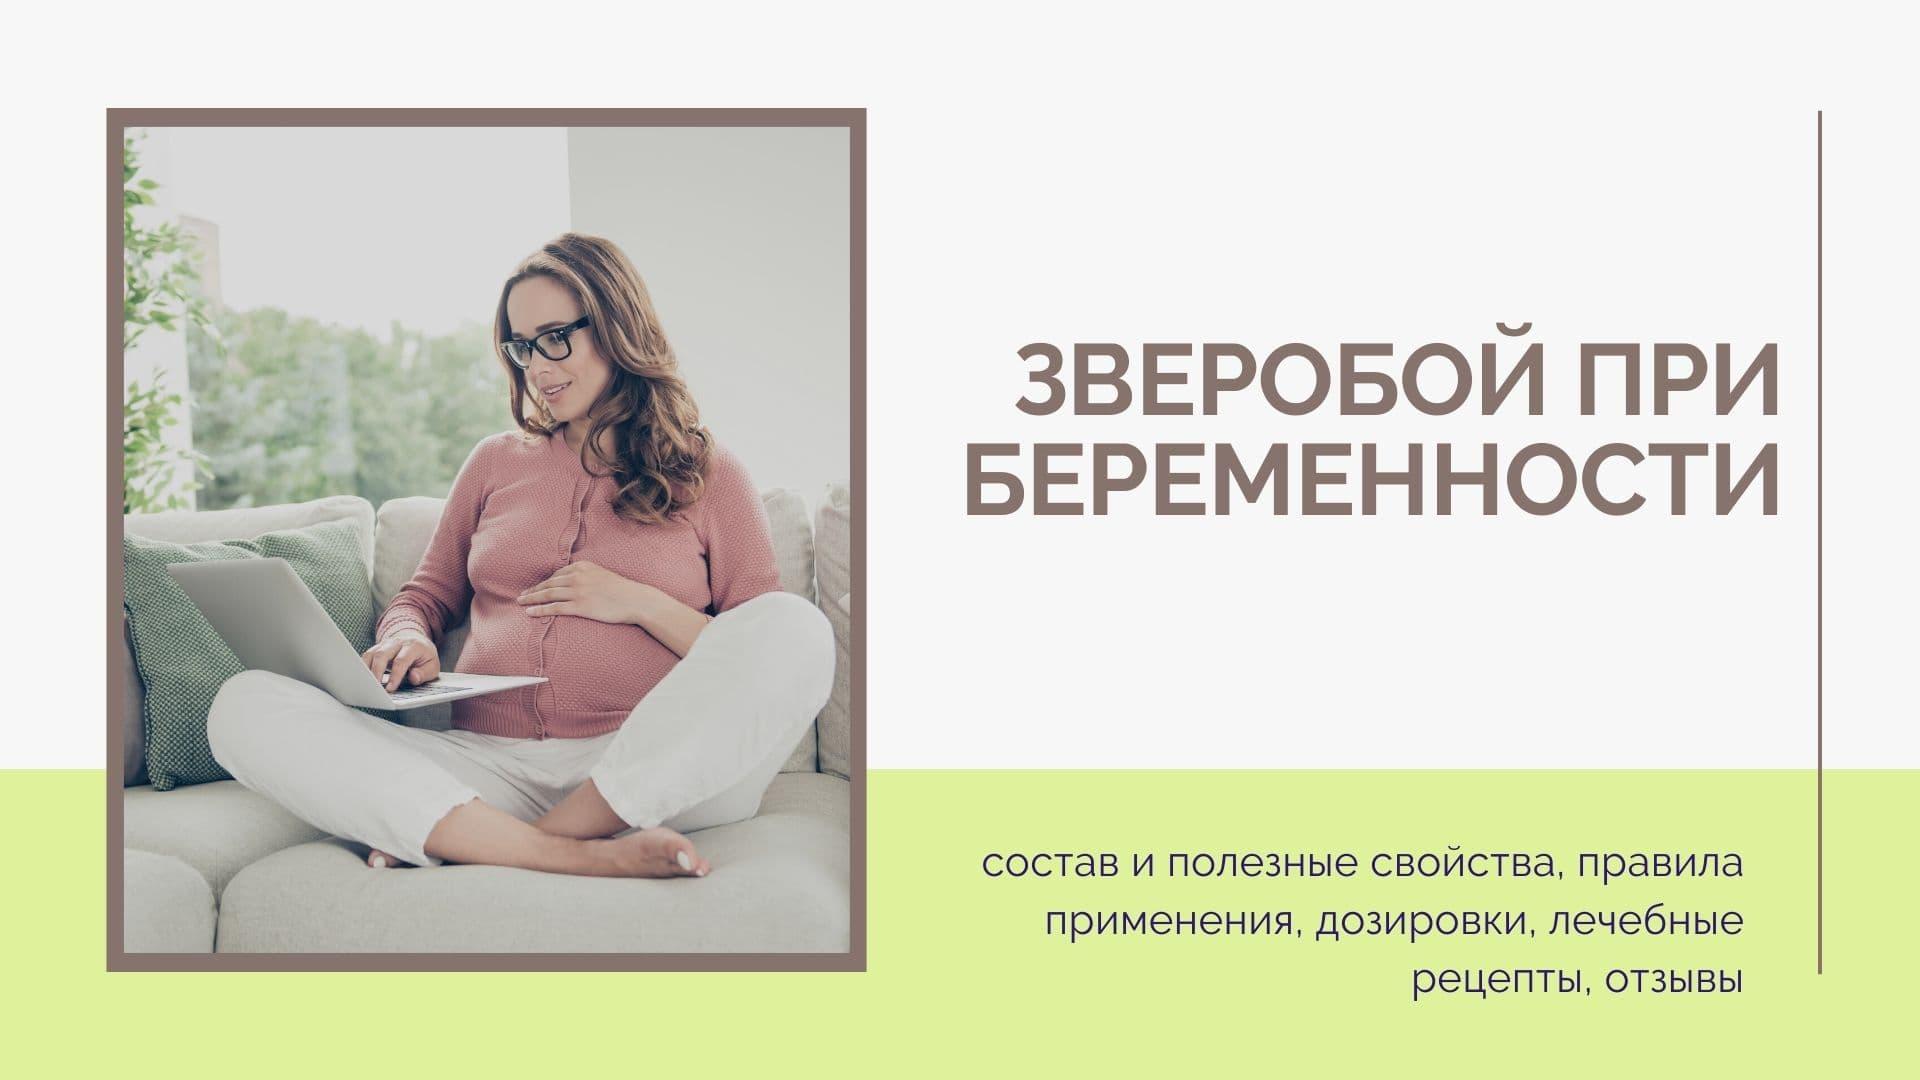 Зверобой при беременности: свойства, показания и противопоказания, меры предосторожности